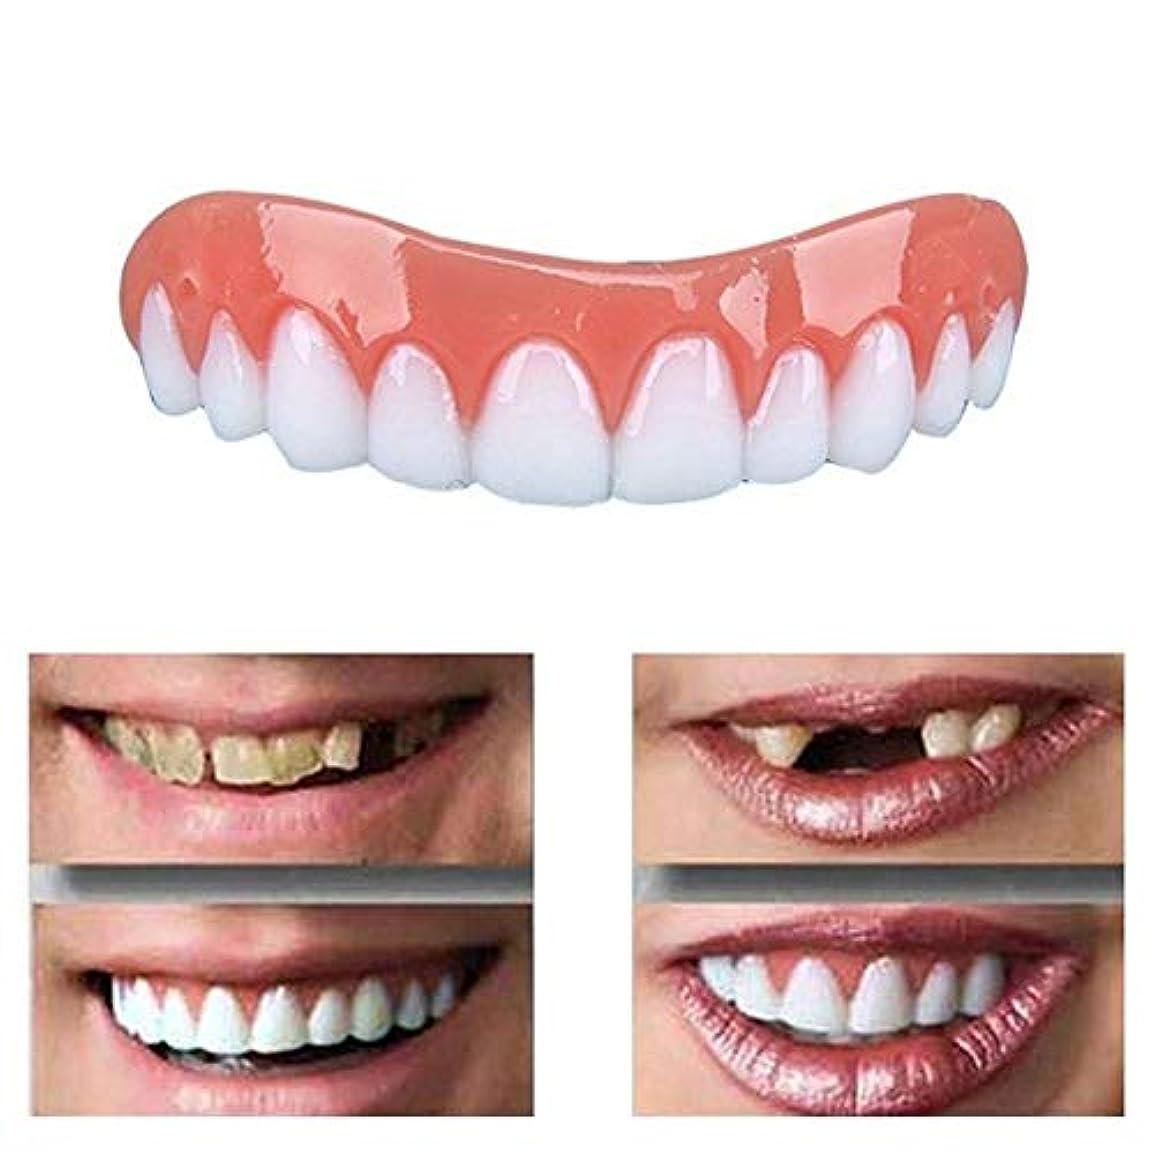 田舎トレーダーオーバーフロー20ピースパーフェクトスマイルベニア偽の歯アッパー偽の歯カバースナップオン即時の歯化粧品義歯のケアオーラルケアシリコーンホワイトニング義歯